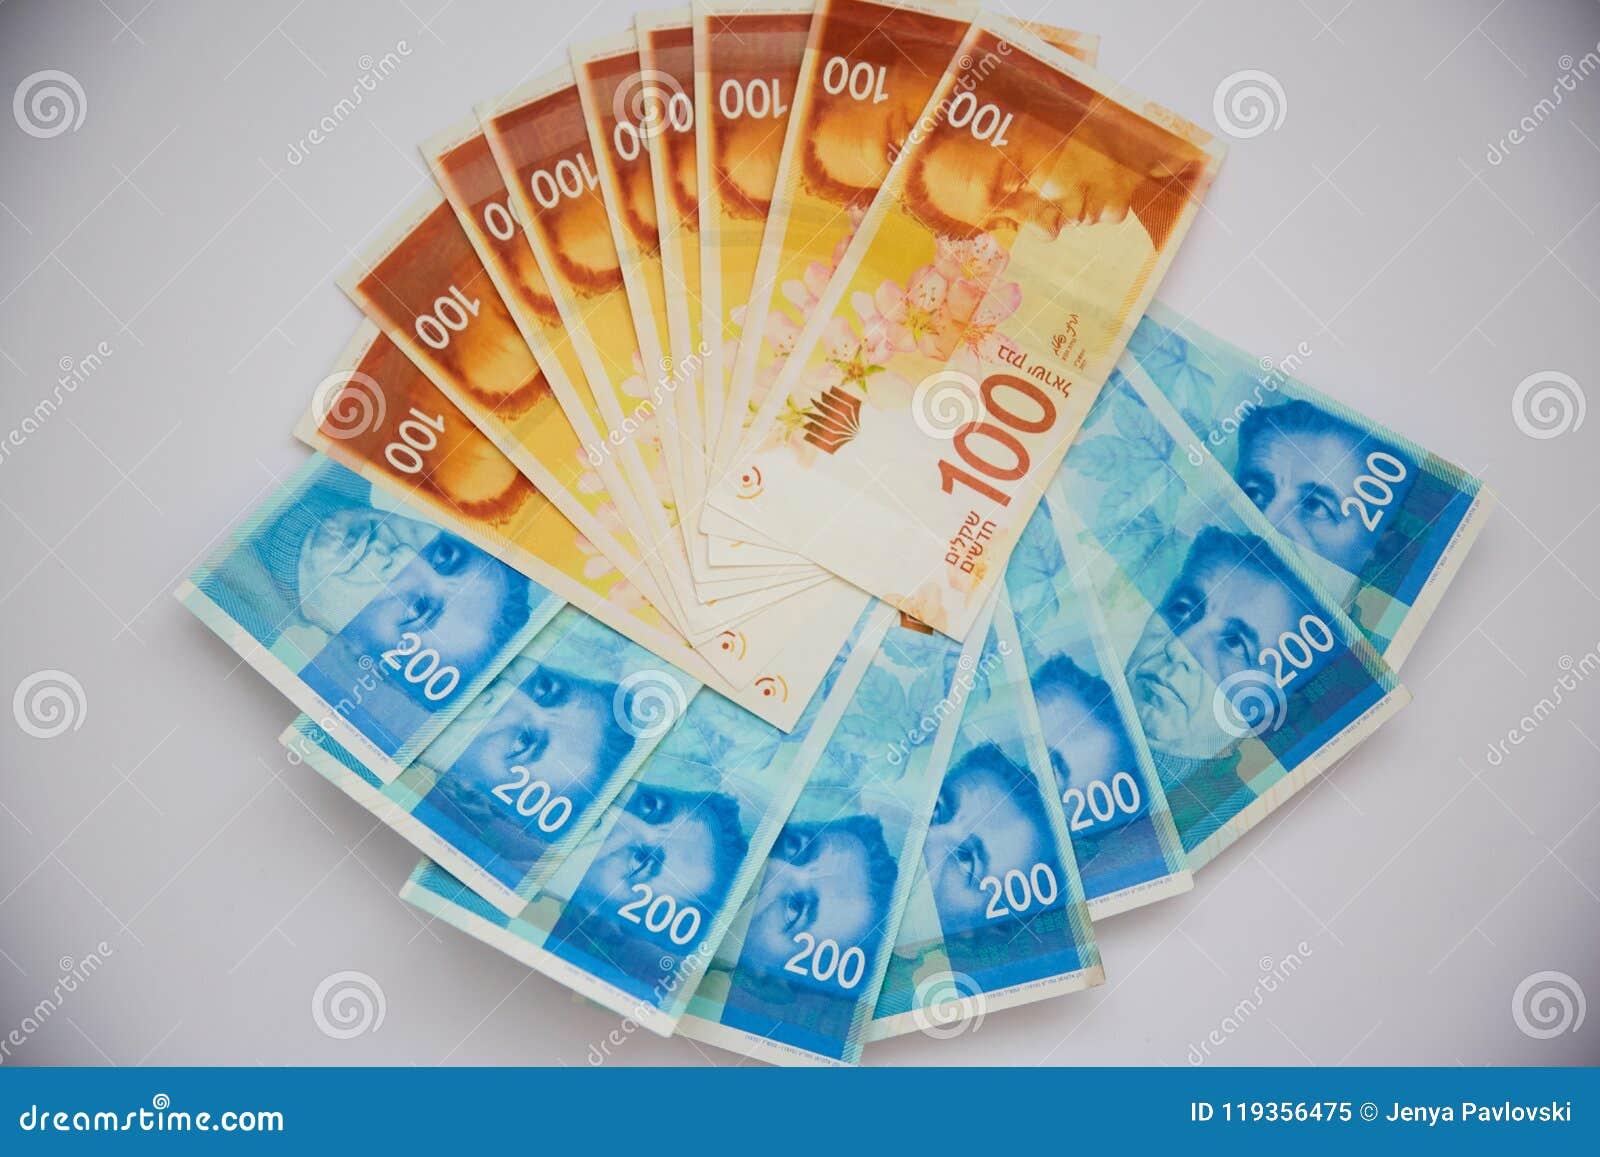 Stack Of Hundred Sheqalim On White Background Stock Image Image Of